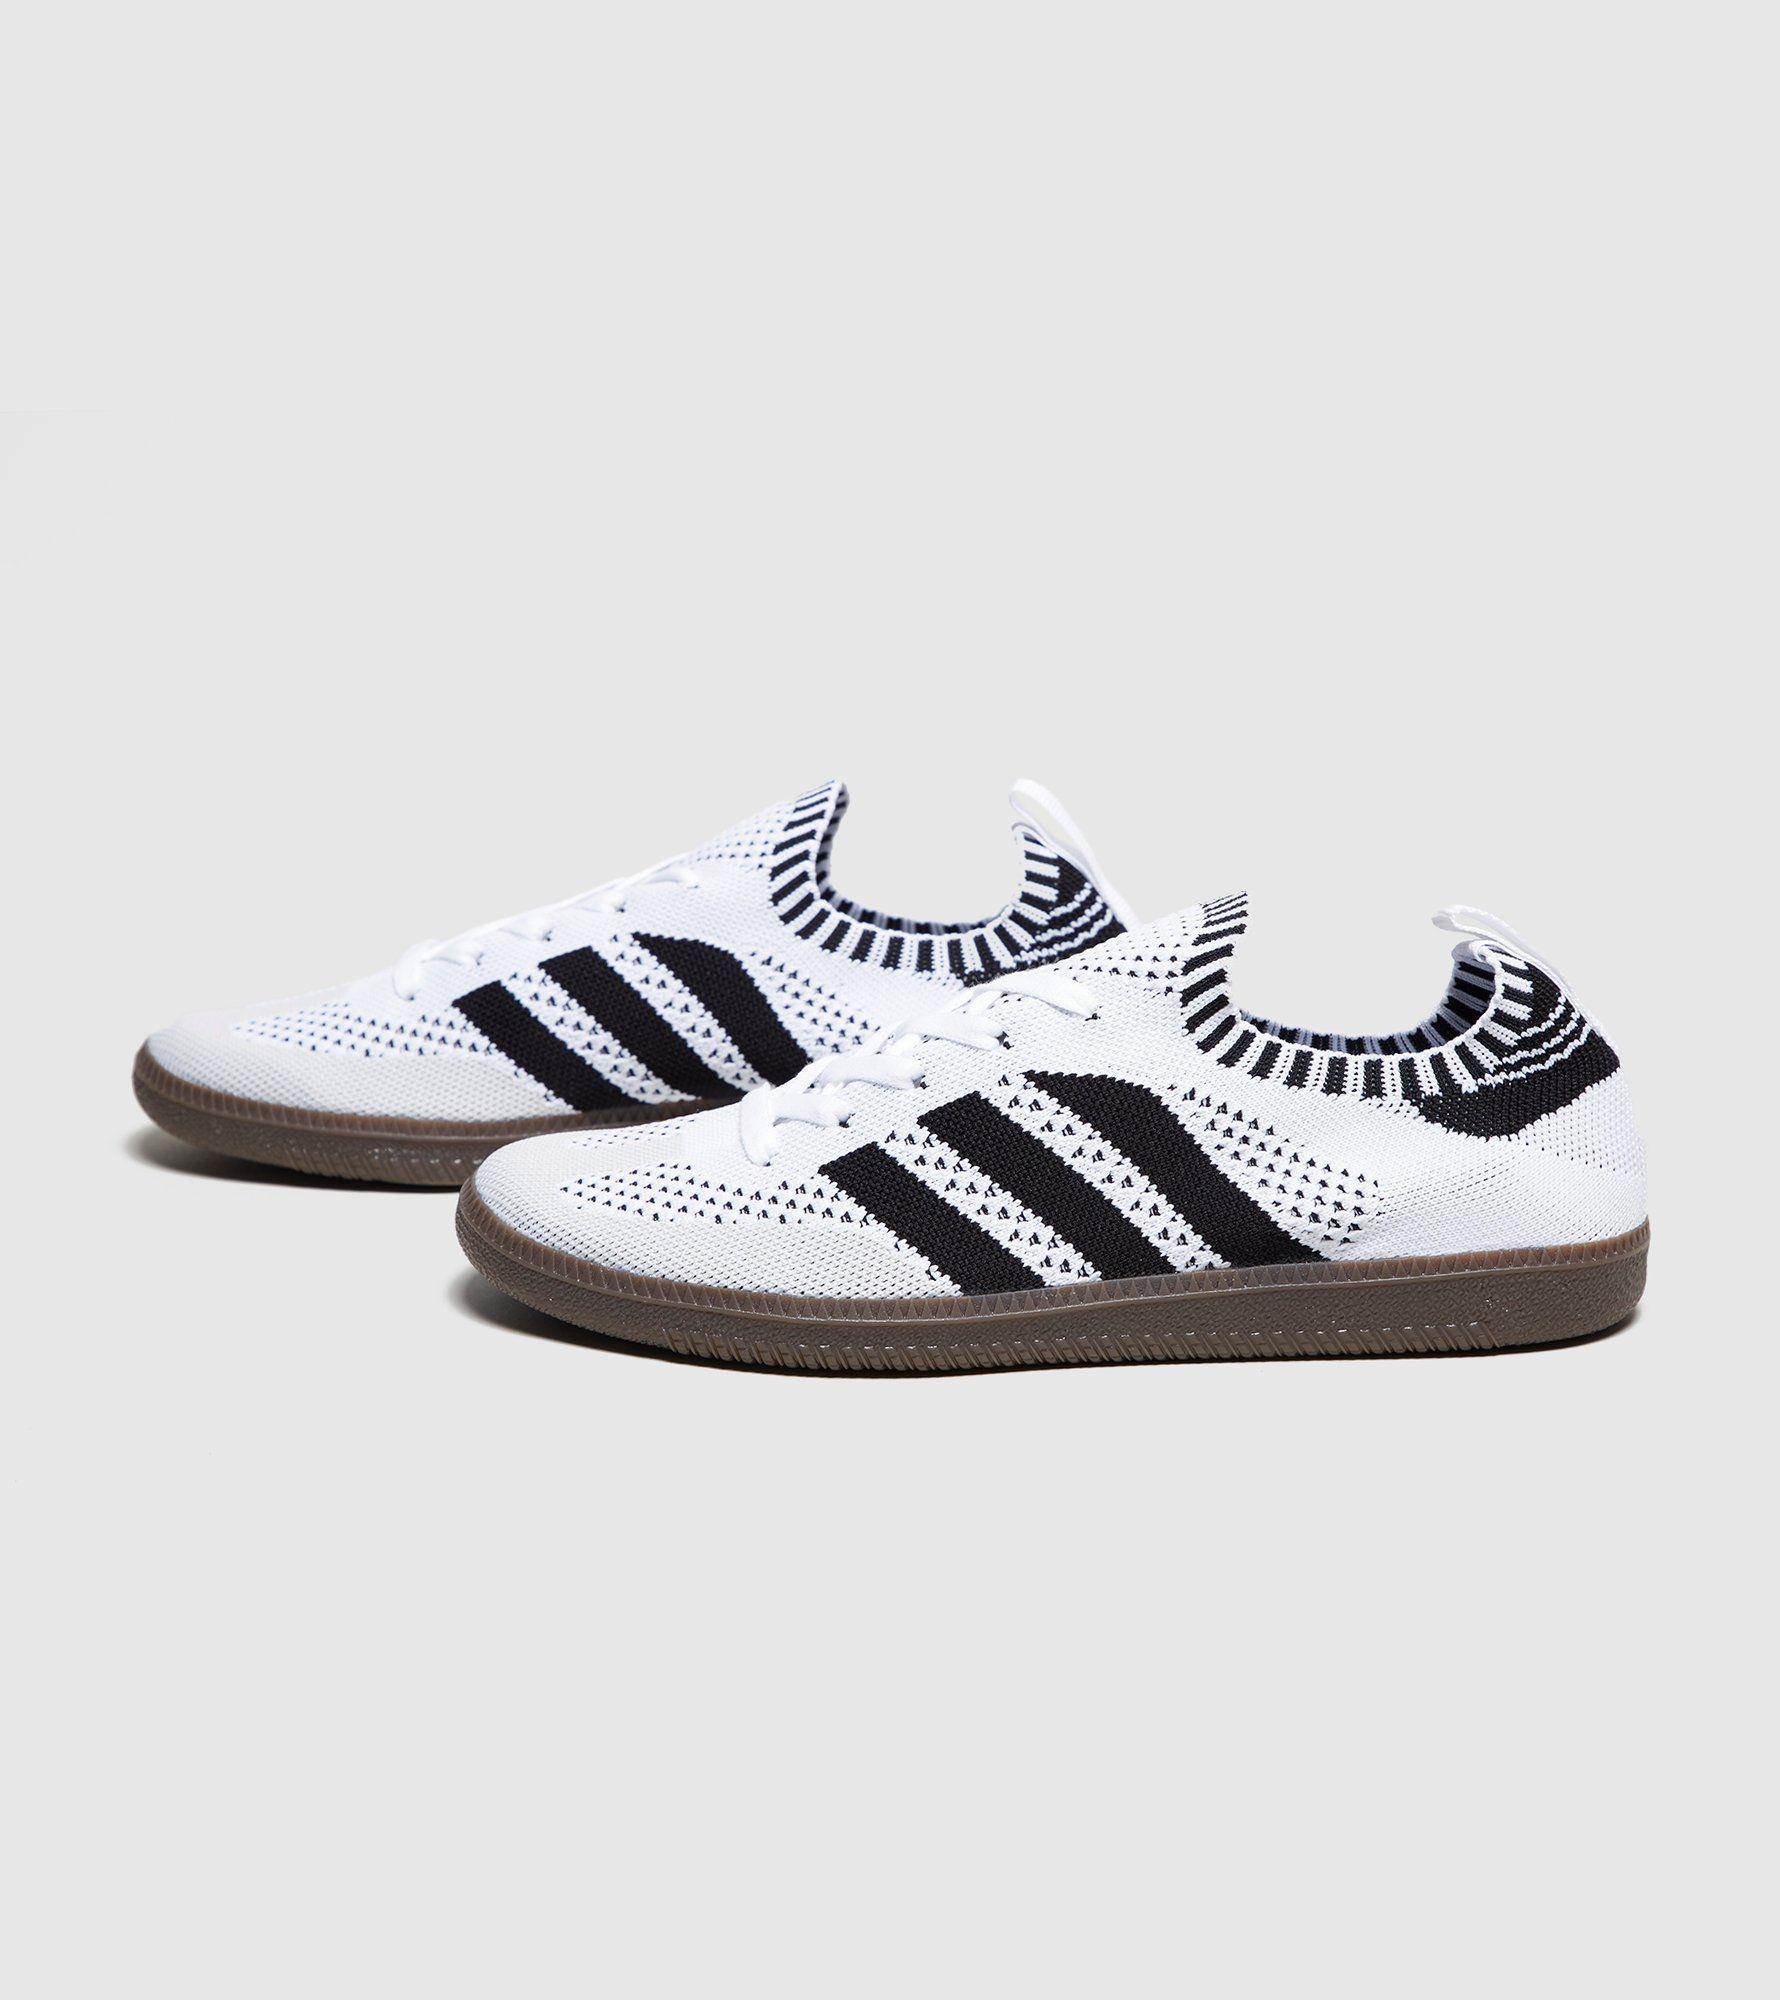 adidas Originals Samba Primeknit